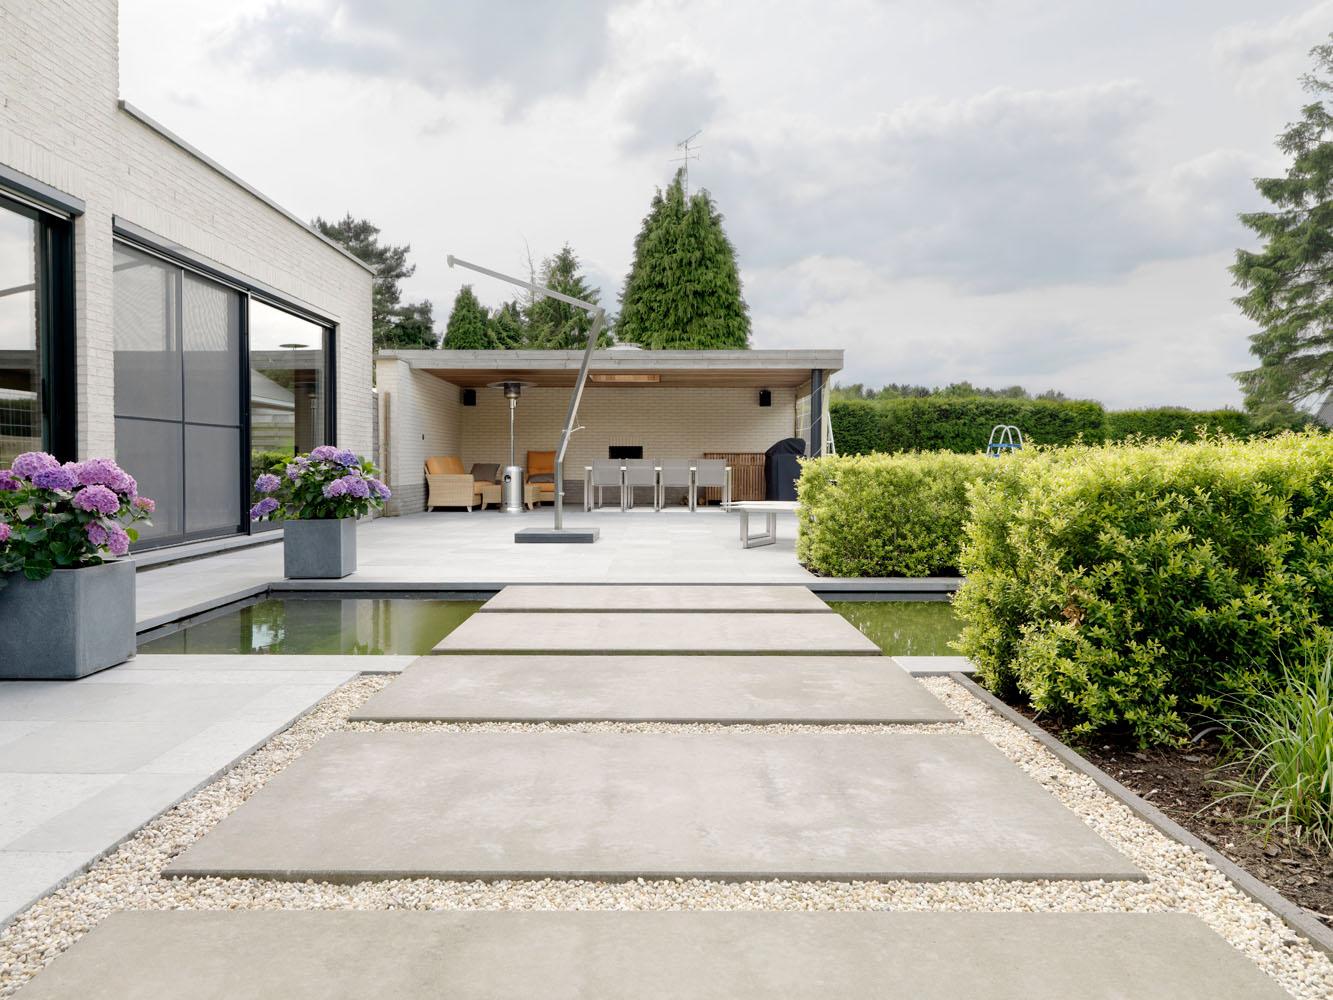 Moderne tuin laten aanleggen moderne tuinen voorbeelden tuin modern - Fotos terras ...